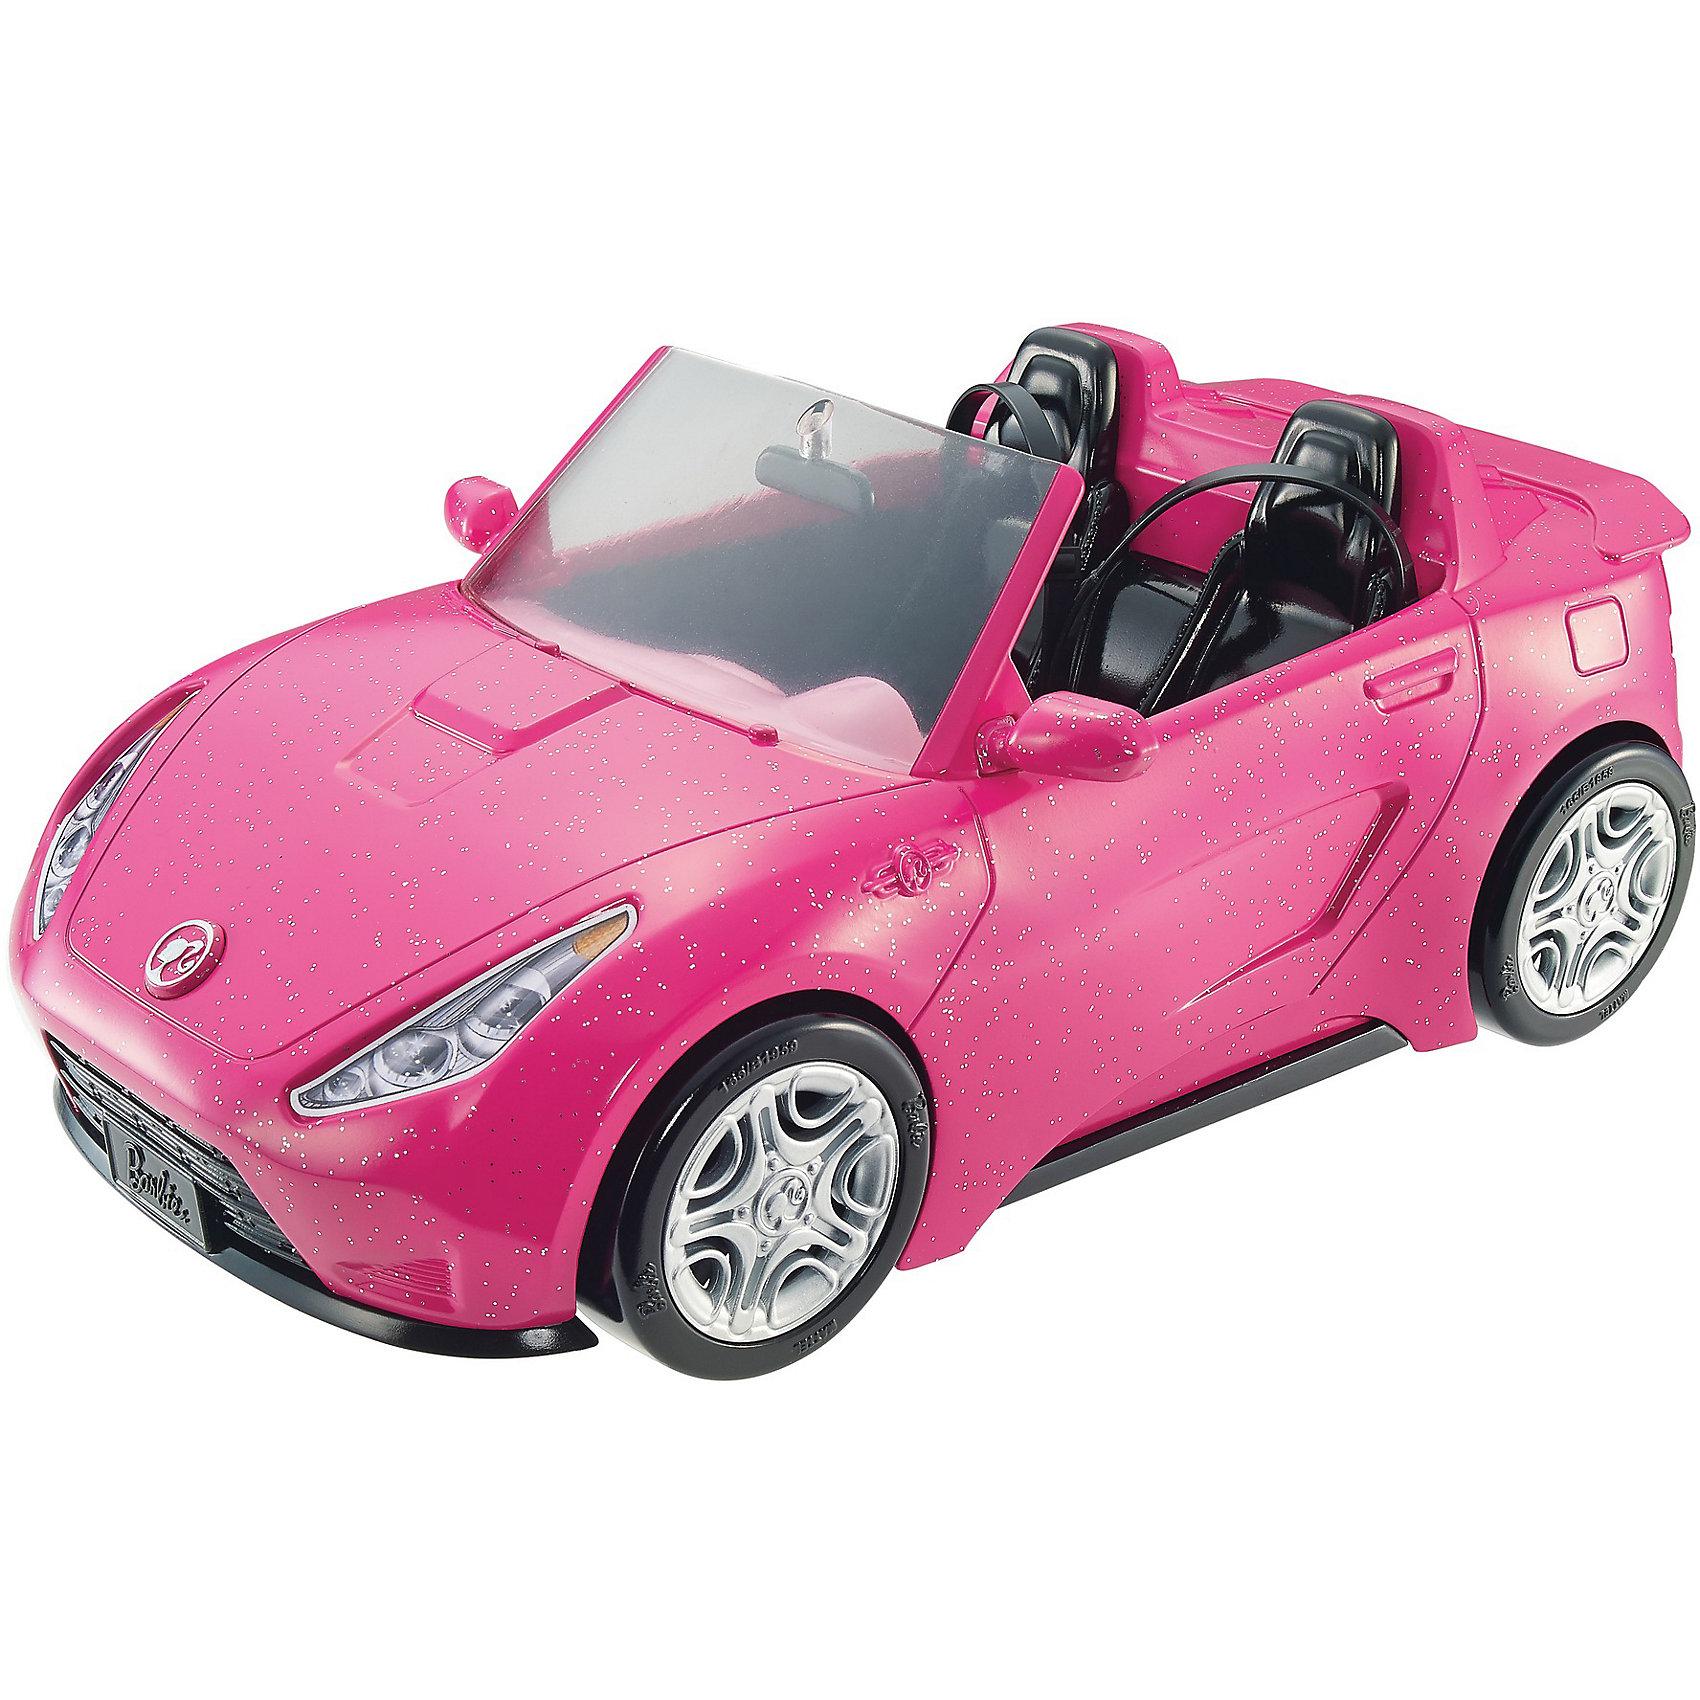 Кабриолет, BarbieКоляски и транспорт для кукол<br>Кабриолет, Barbie.<br><br>Характеристики:<br><br>• материал: пластик<br>• колеса крутятся<br>• куклы приобретаются отдельно<br>• размер упаковки: 36х20х17 см.<br>• страна бренда: США<br>• страна изготовитель: Китай<br><br>Этот стильный двухместный автомобиль выполнен из пластика и выкрашен в нежный розовый цвет; его корпус покрыт сияющими блестками, придающими его утонченным формам сказочный лоск. Черный салон, решетка радиатора и черные колеса с серебристыми дисками дополняют модный образ этого автомобиля.  <br><br>На приборной панели присутствуют наклейки со спидометром и дисплеем, имитирующим навигатор, а также особая символика, делающая этот кабриолет настоящим воплощением стиля Барби. При желании кукол можно пристегнуть с помощью специального ремня безопасности, чтобы затем отправиться в воображаемое путешествие - на прогулку или за покупками.<br><br>Отправляйтесь на прогулку на спортивном кабриолете! Розовый сверкающий кабриолет с серебристыми деталями удивит всех вокруг. Он просто воплощение стиля Barbie. Черный салон со стегаными сиденьями выглядит совсем как настоящий.<br><br>Кабриолет, Barbie можно купить в нашем интернет-магазине.<br><br>Ширина мм: 350<br>Глубина мм: 190<br>Высота мм: 165<br>Вес г: 884<br>Возраст от месяцев: 36<br>Возраст до месяцев: 2147483647<br>Пол: Женский<br>Возраст: Детский<br>SKU: 5378162